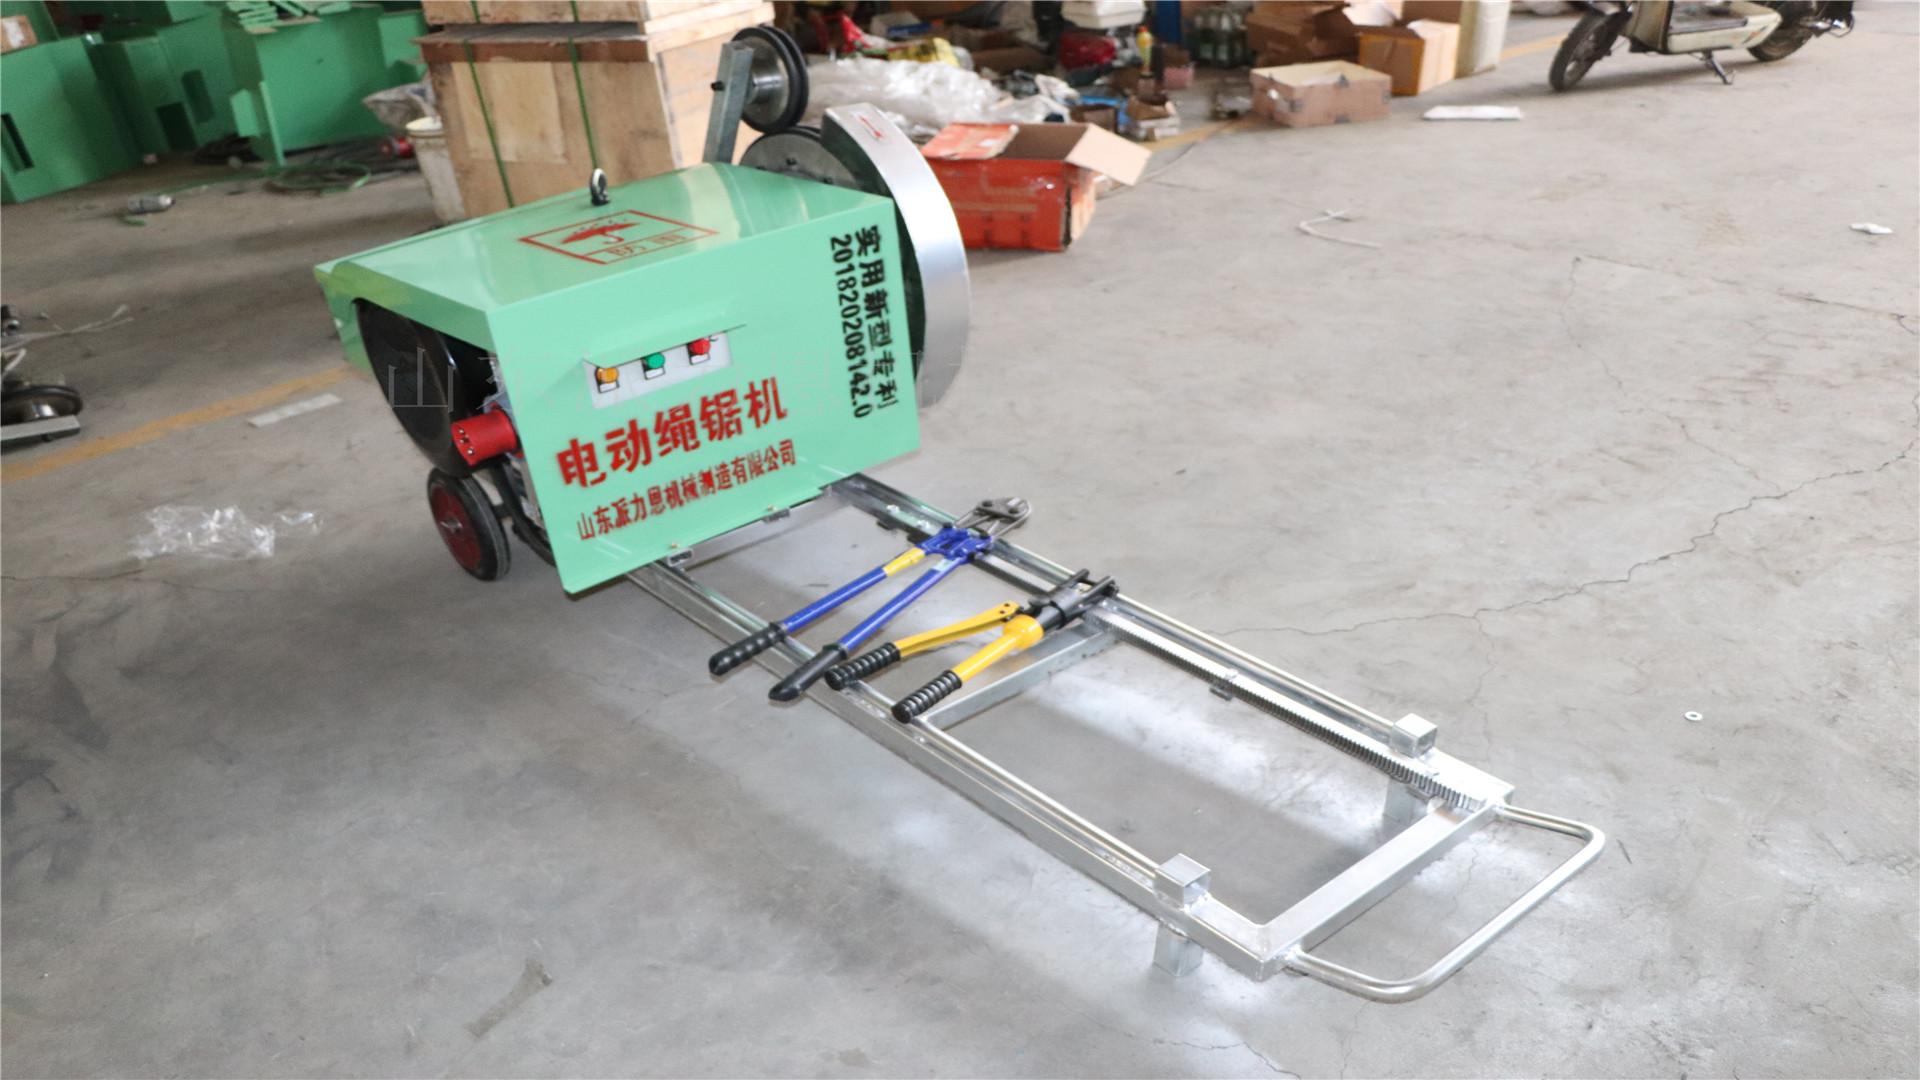 蚌埠18.5KW繩鋸機電動繩鋸機設備基礎切割施工現場